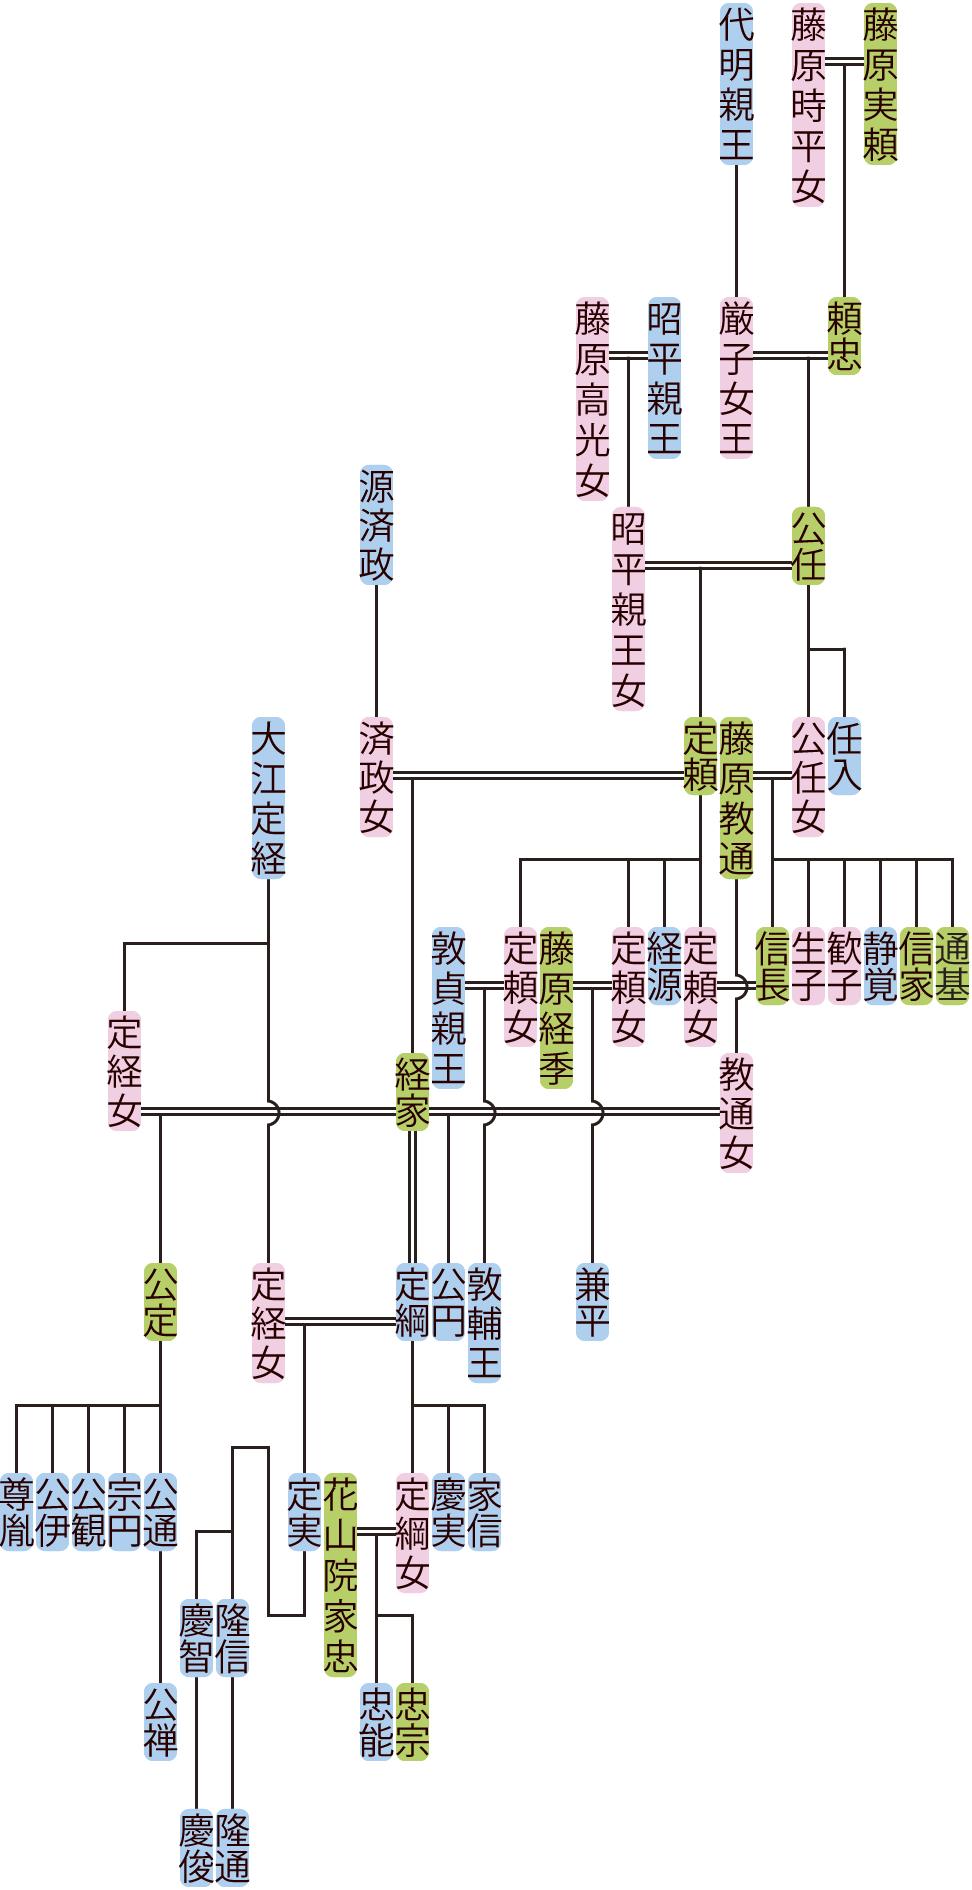 藤原公任の系図